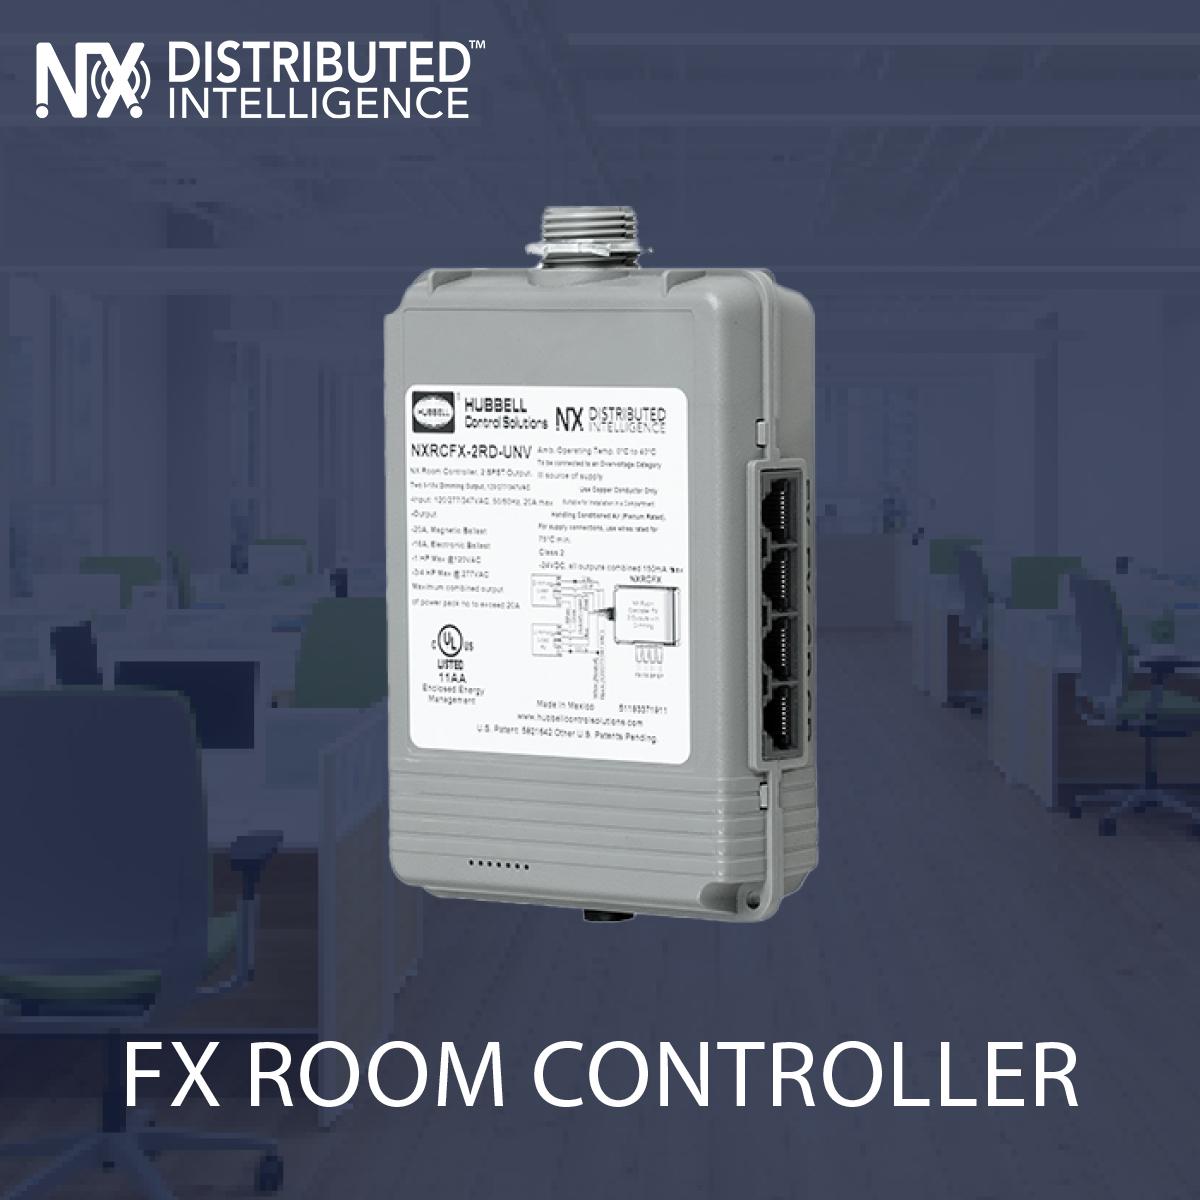 NXRCFX Video